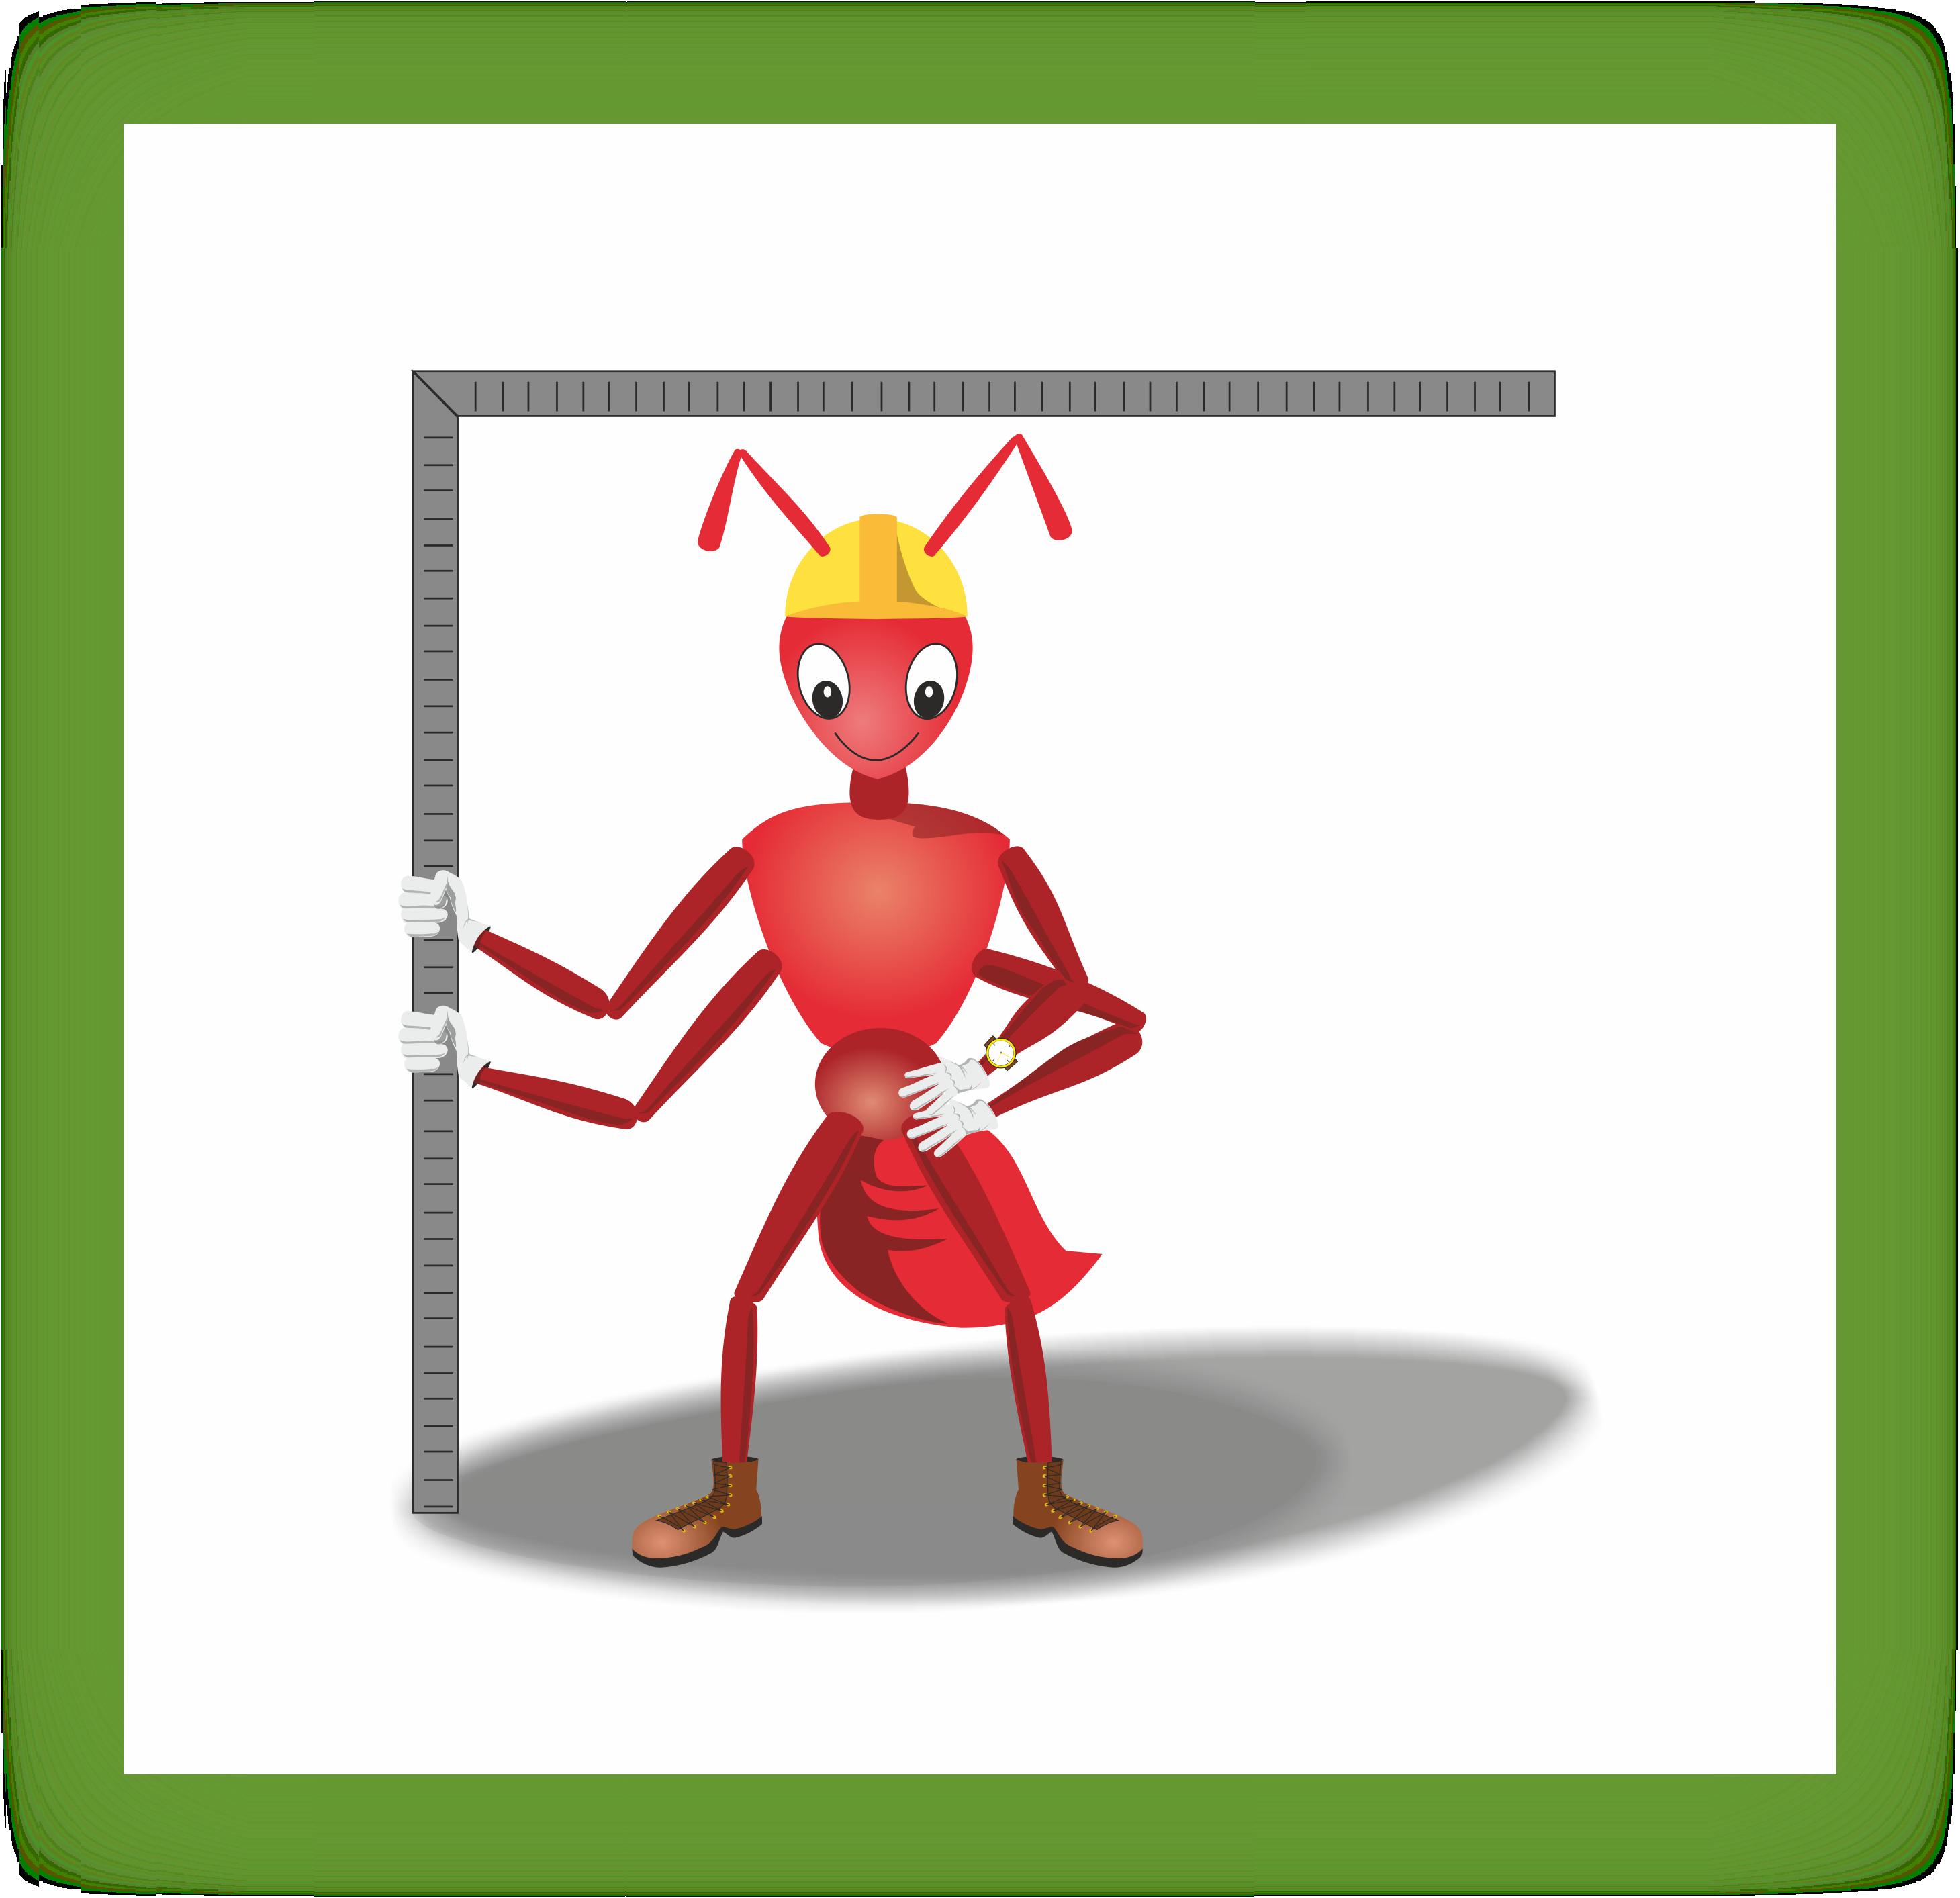 """Необходимо разработать дизайн персонажа """"Муравей"""" для сайта  фото f_2225776c66398849.png"""